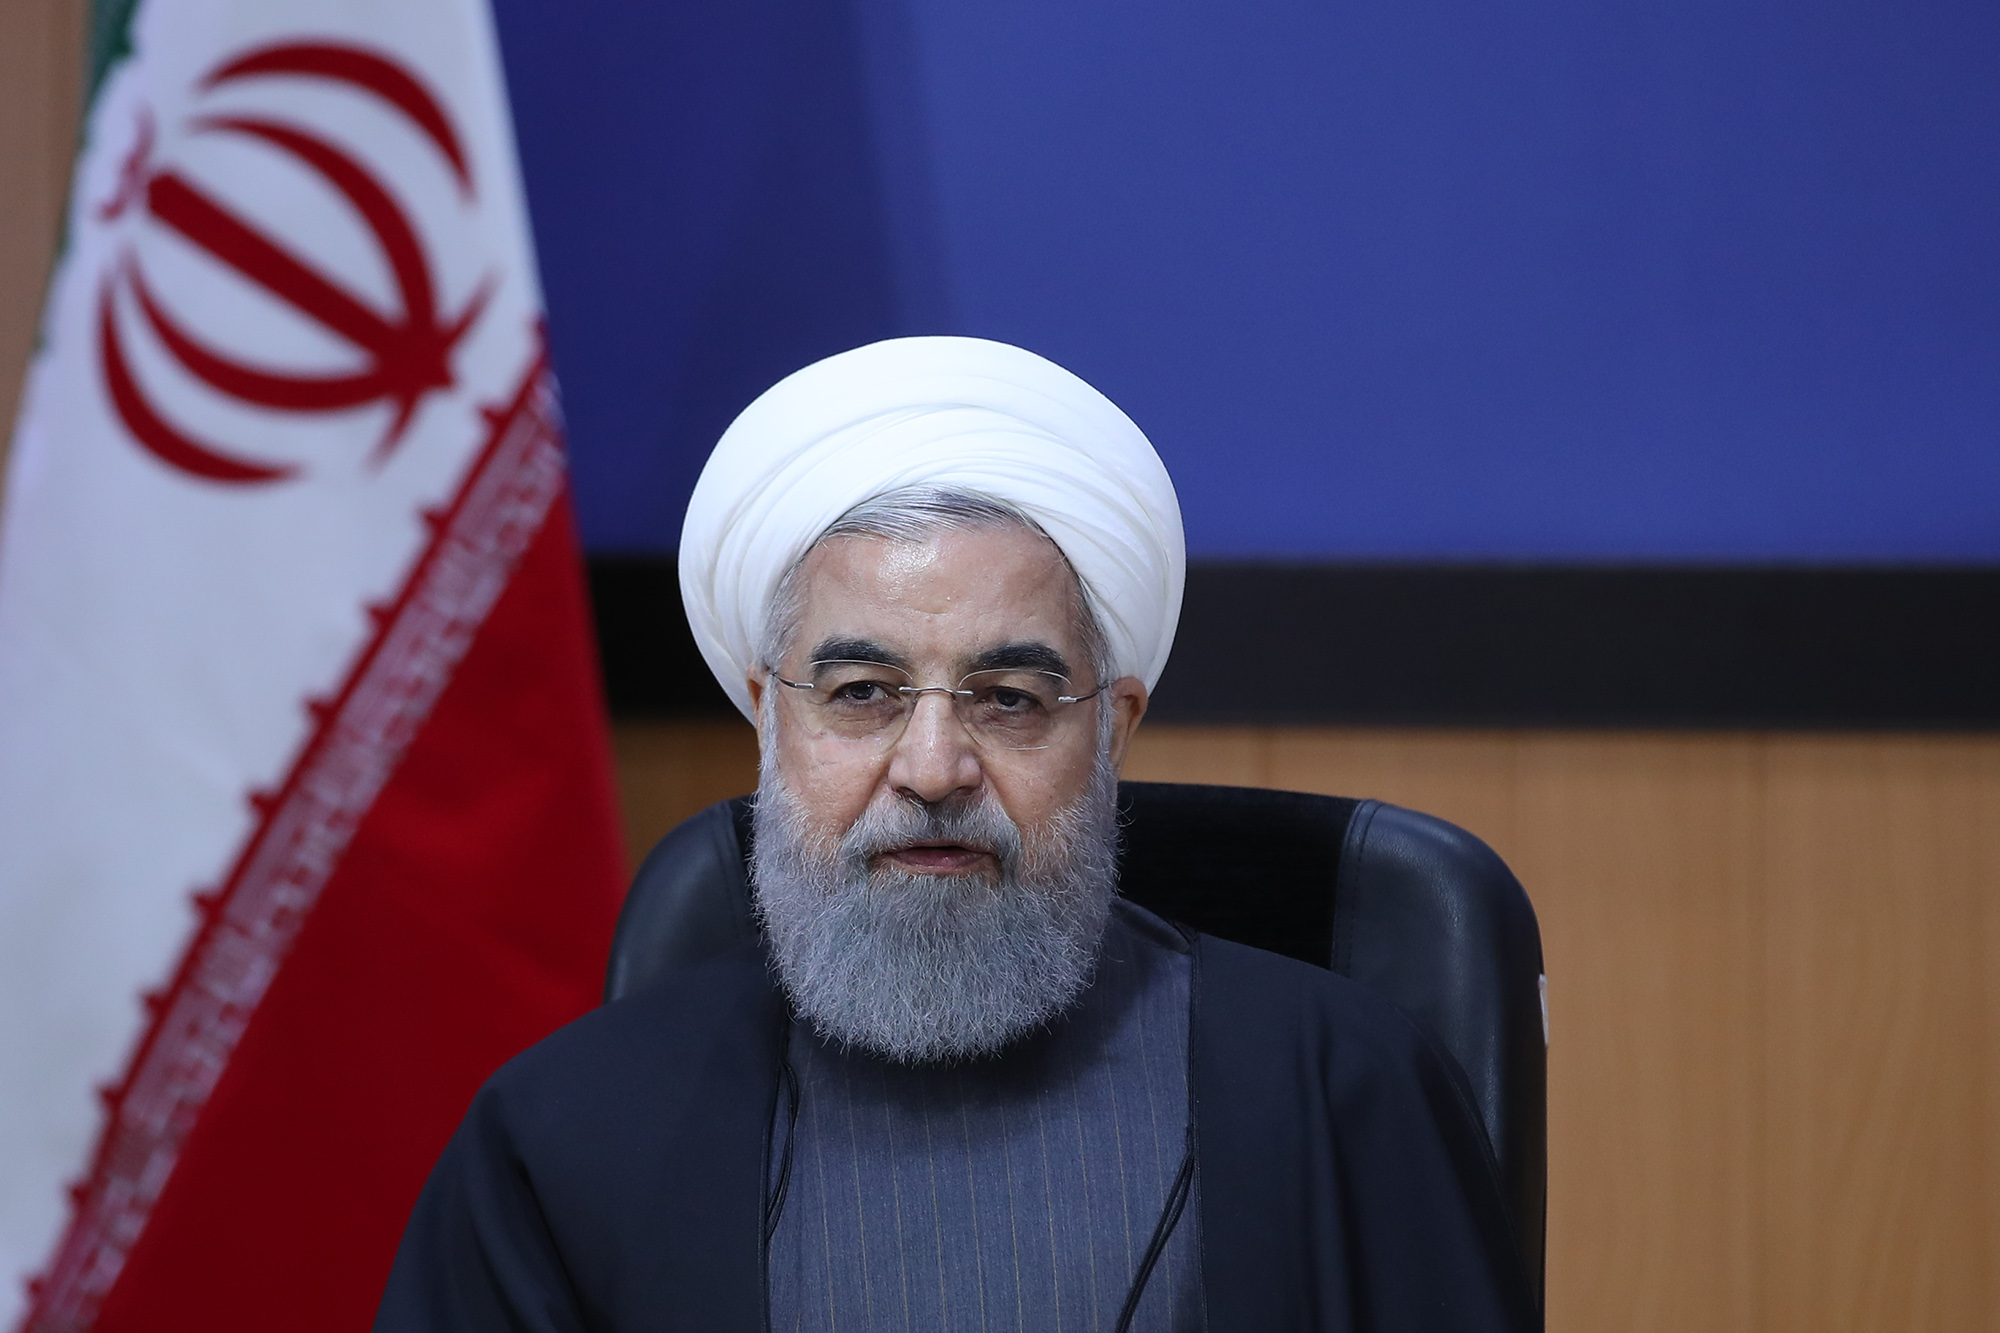 پیام تبریک ریاست محترم هیئت مدیره سندیکا به مناسبت پیروزی جناب آقای دکتر روحانی در انتخابات ریاست جمهوری